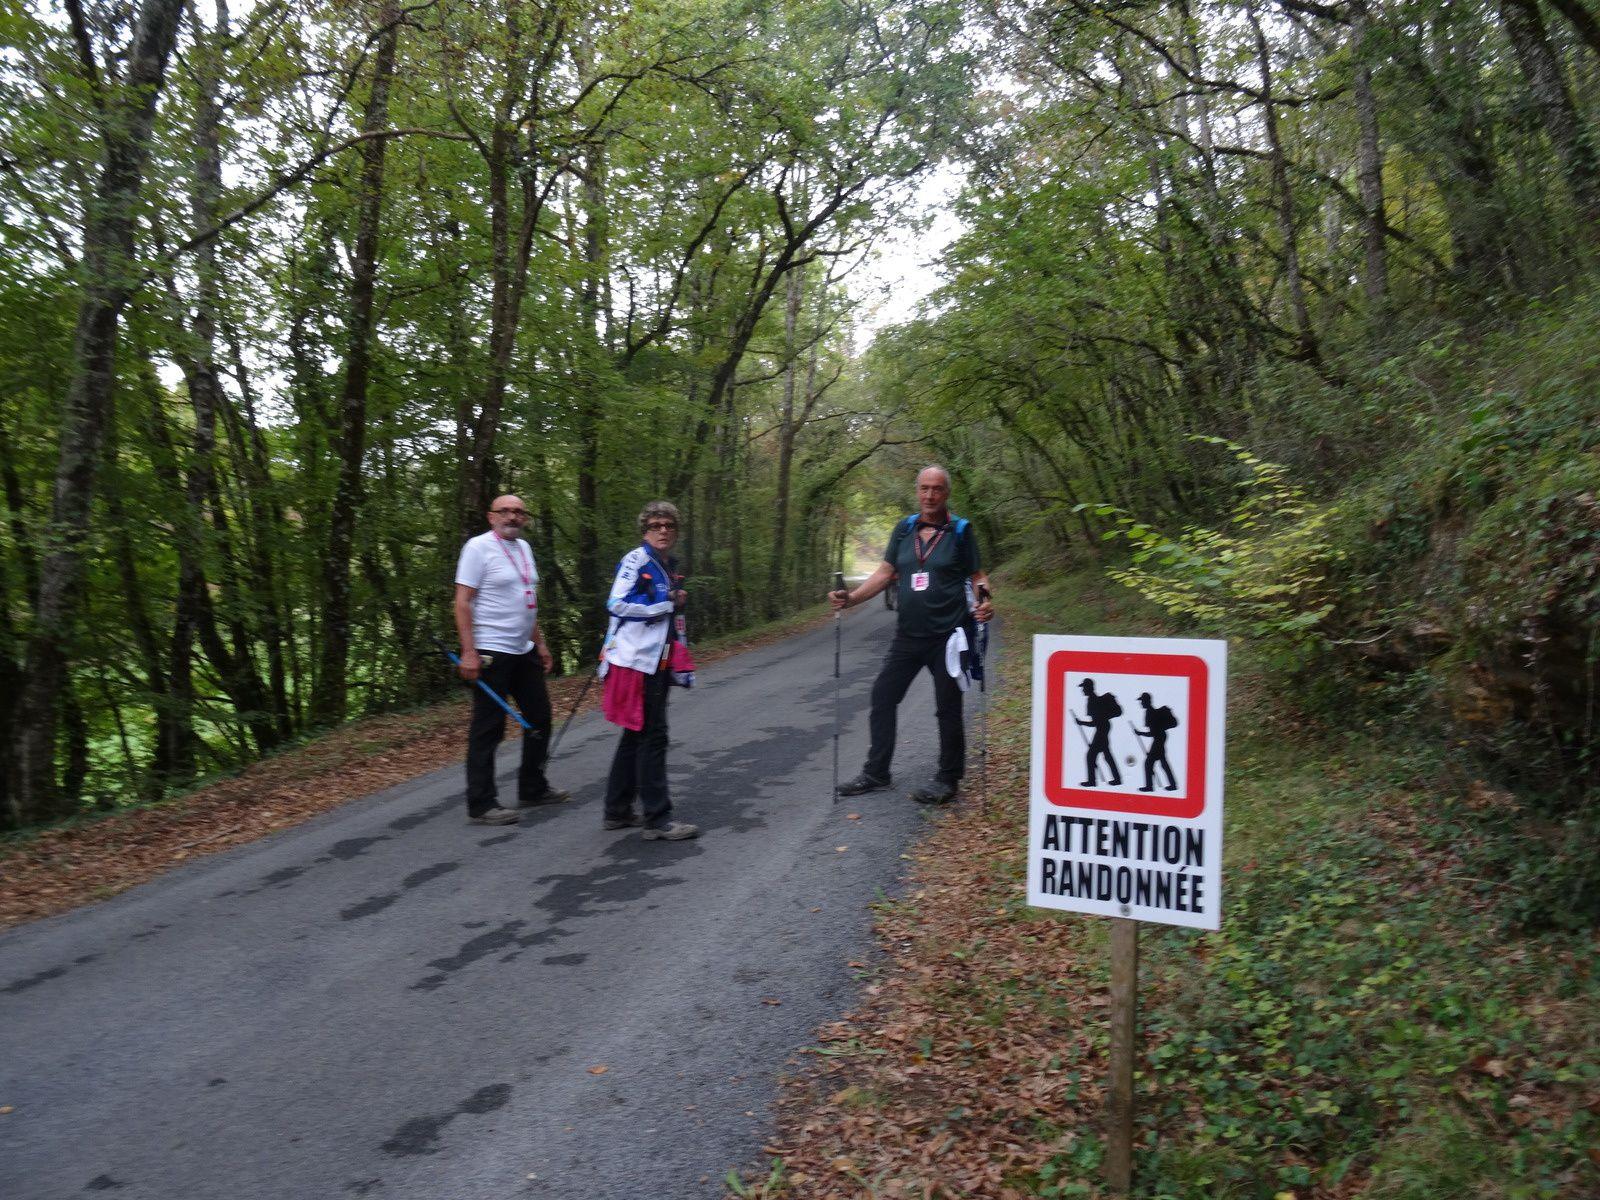 7ème étape Simeyrols à Prats de Carlux et 8ème étape pour terminer à Saint Crépin Carlucet soit 57 kms.